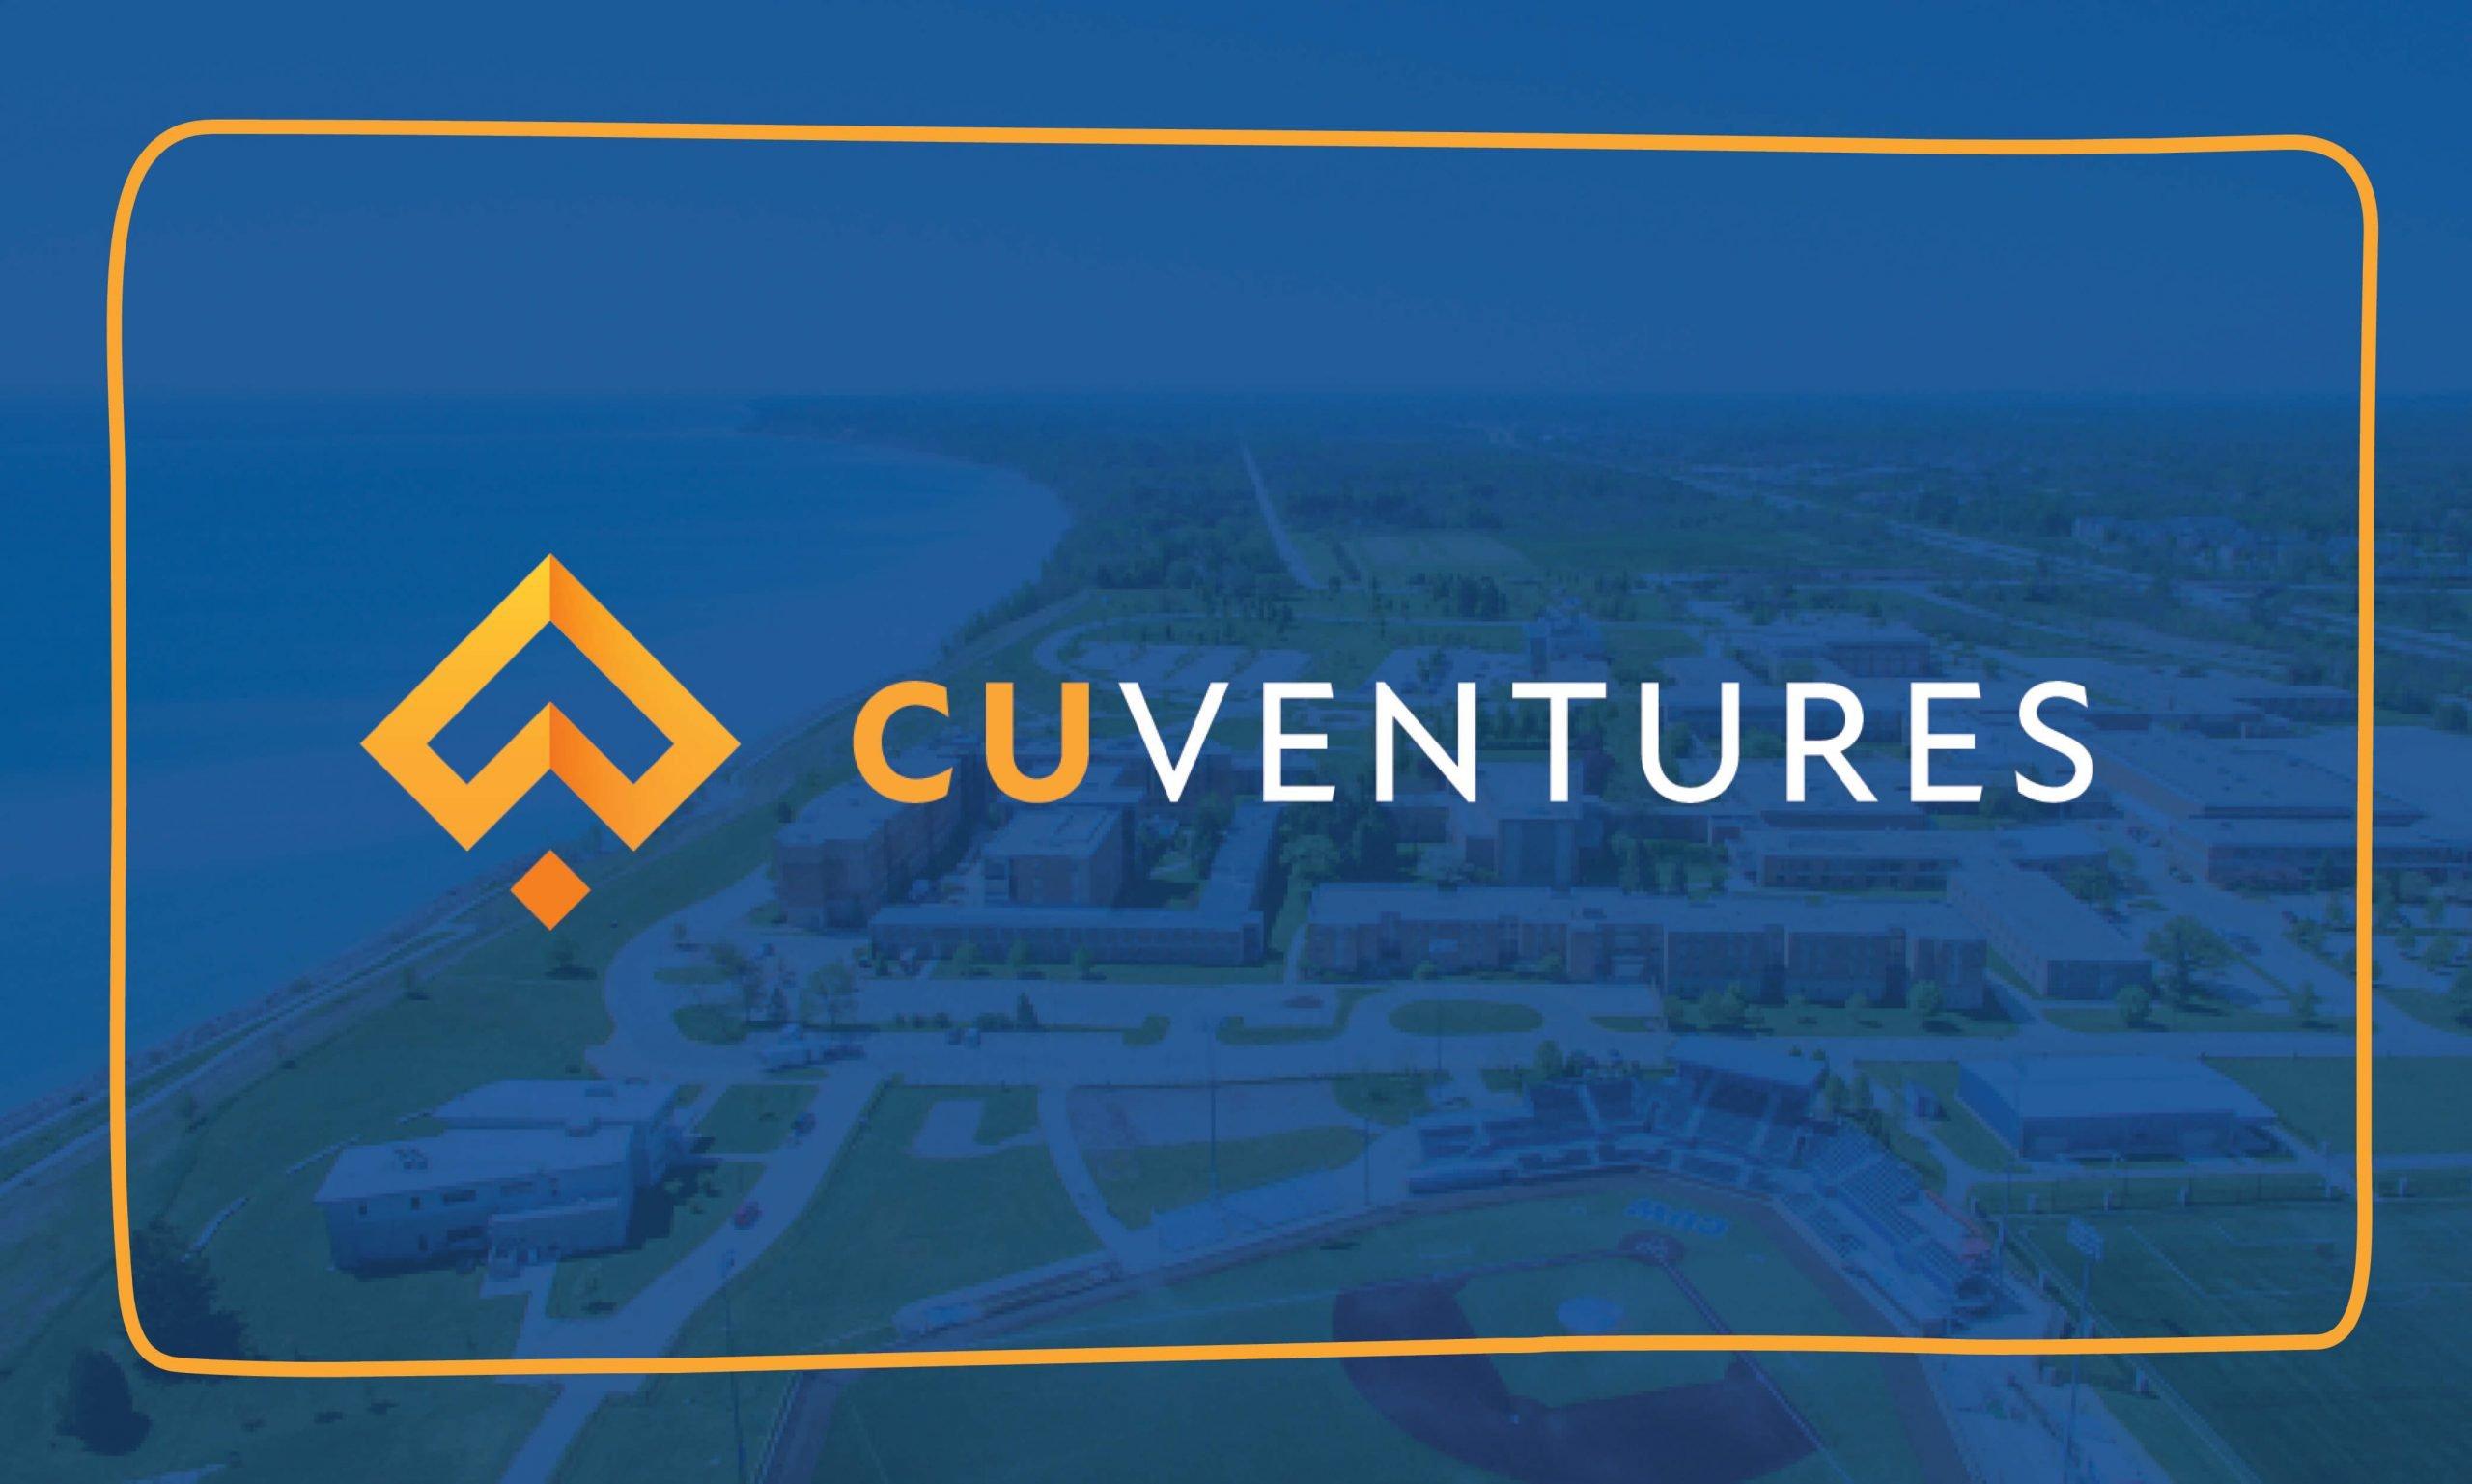 CU Ventures